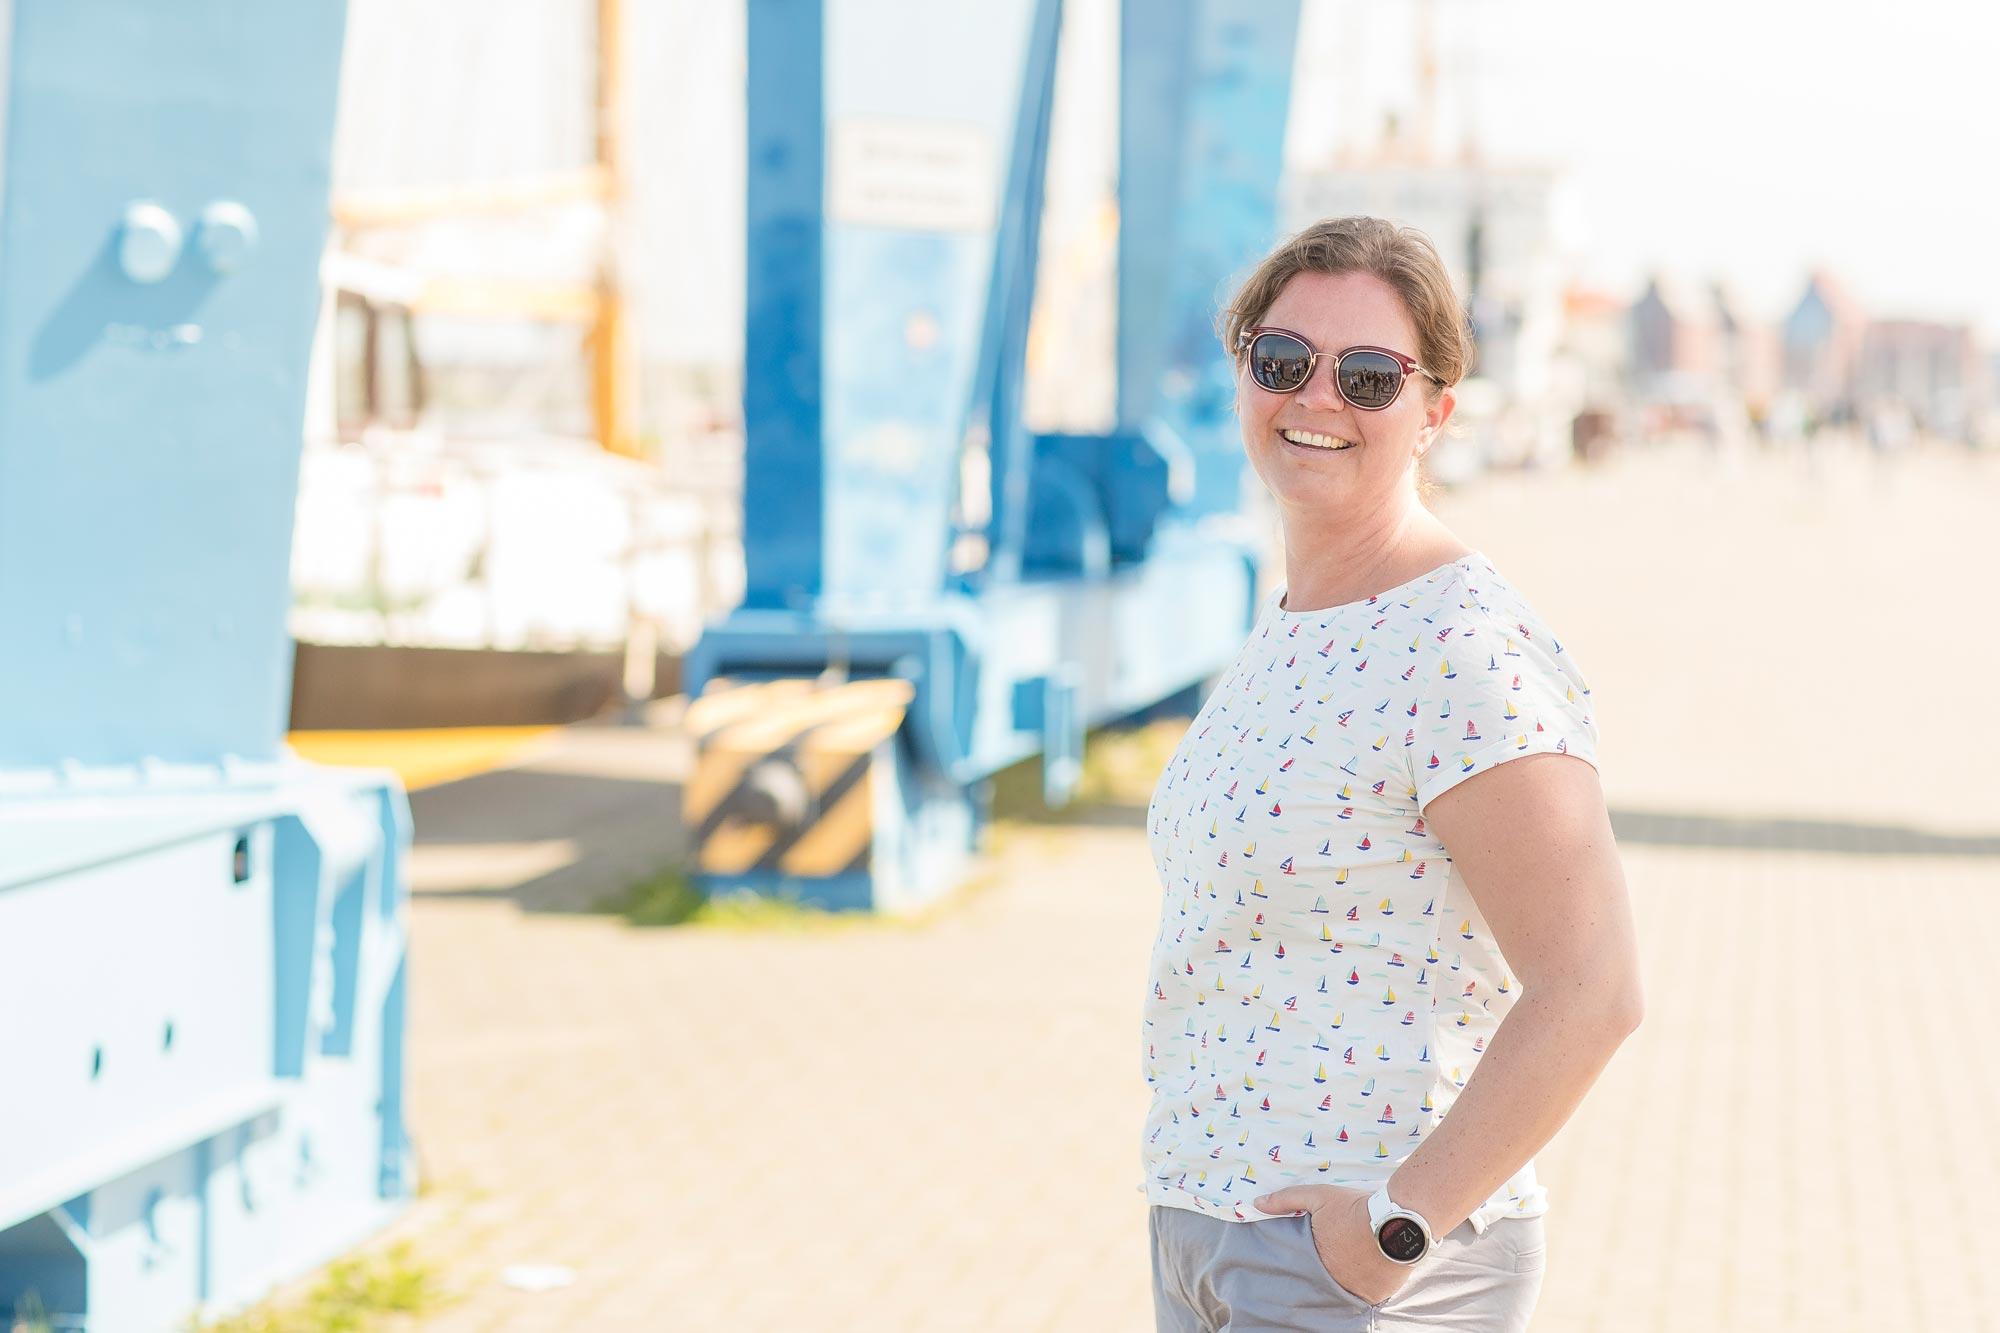 Anja Stengel ist Augenoptikerin bei Optik Sagawe im Doberaner Hof - hat hier eine Sonnenbrille von Dior auf